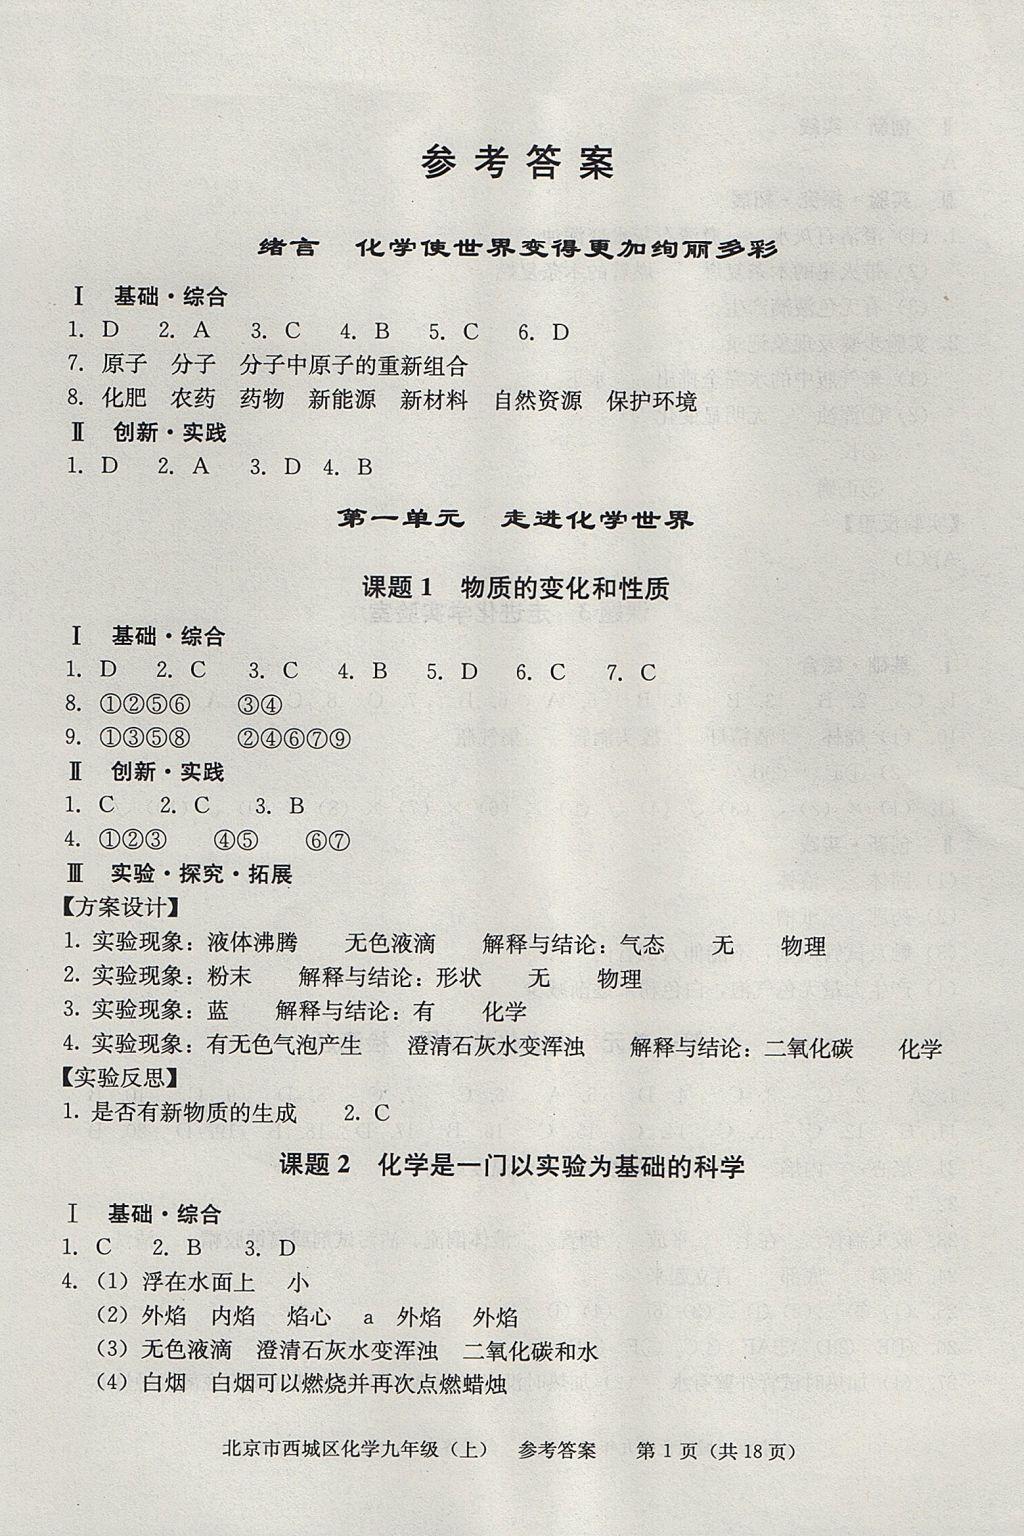 2017年吉林快3豹子预测软件_学习探究诊断九年级化学上册参考答案第1页